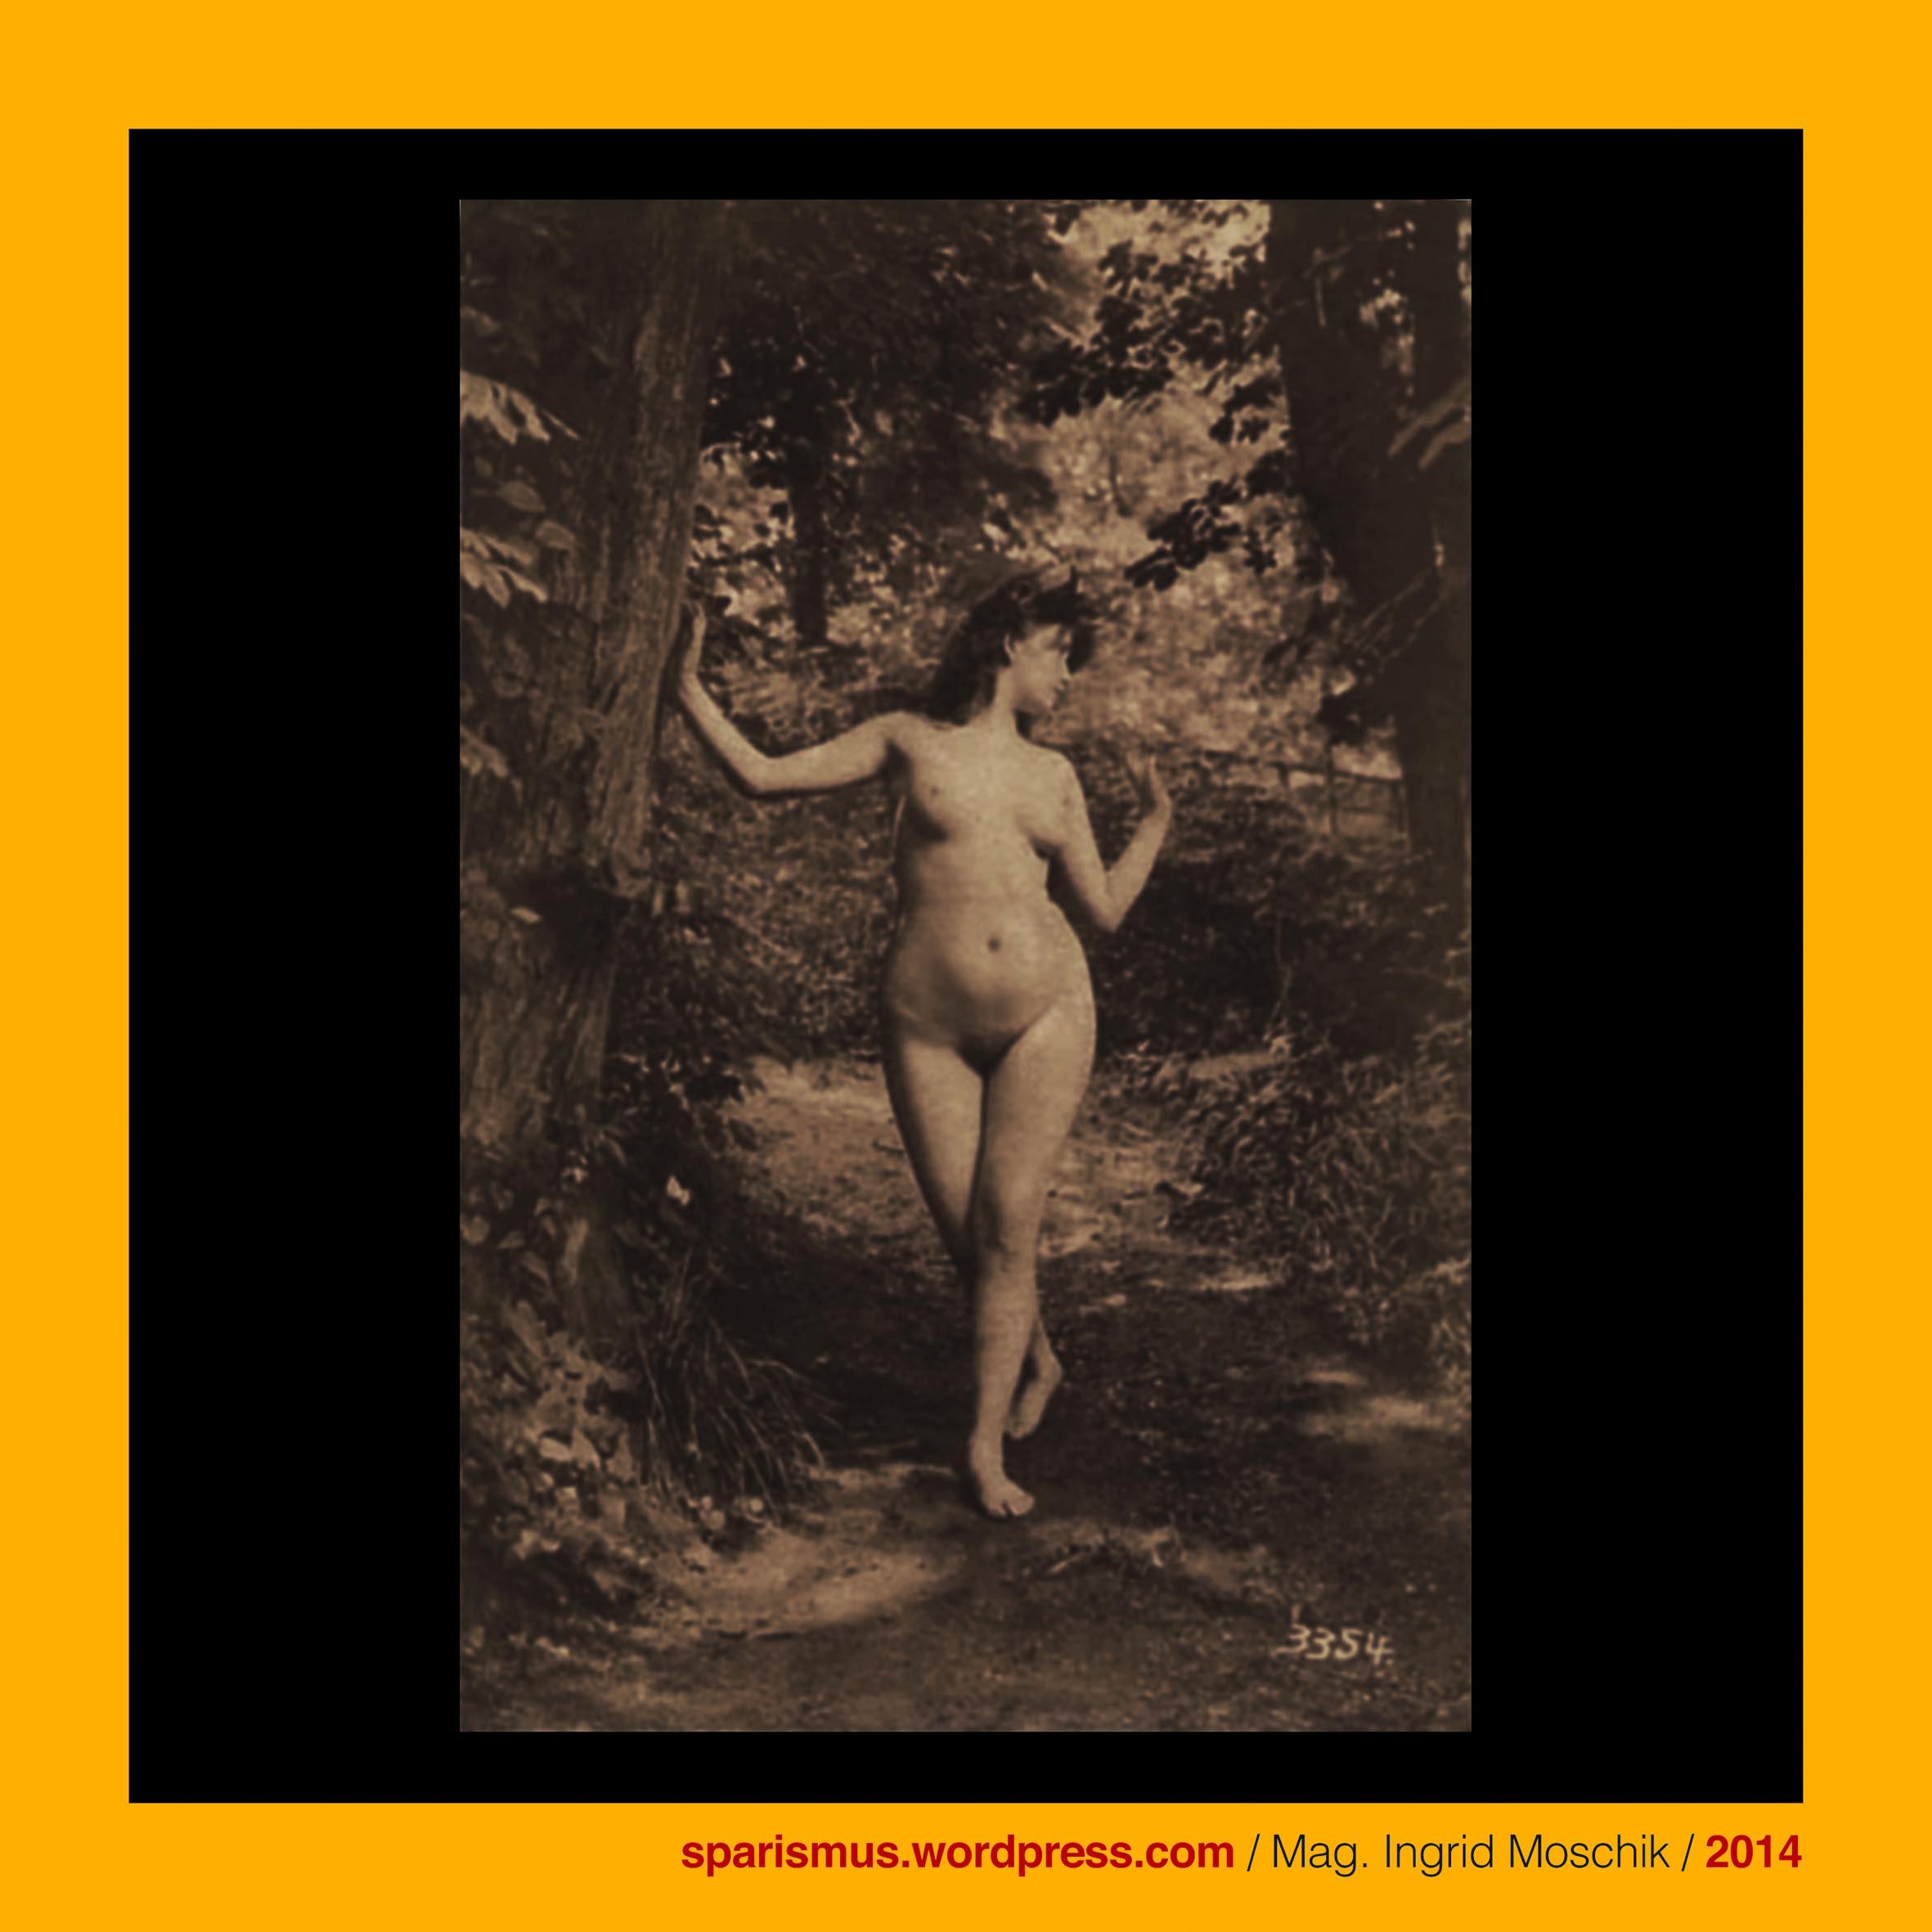 fkk für junge und junggebliebene erotikum de gotha